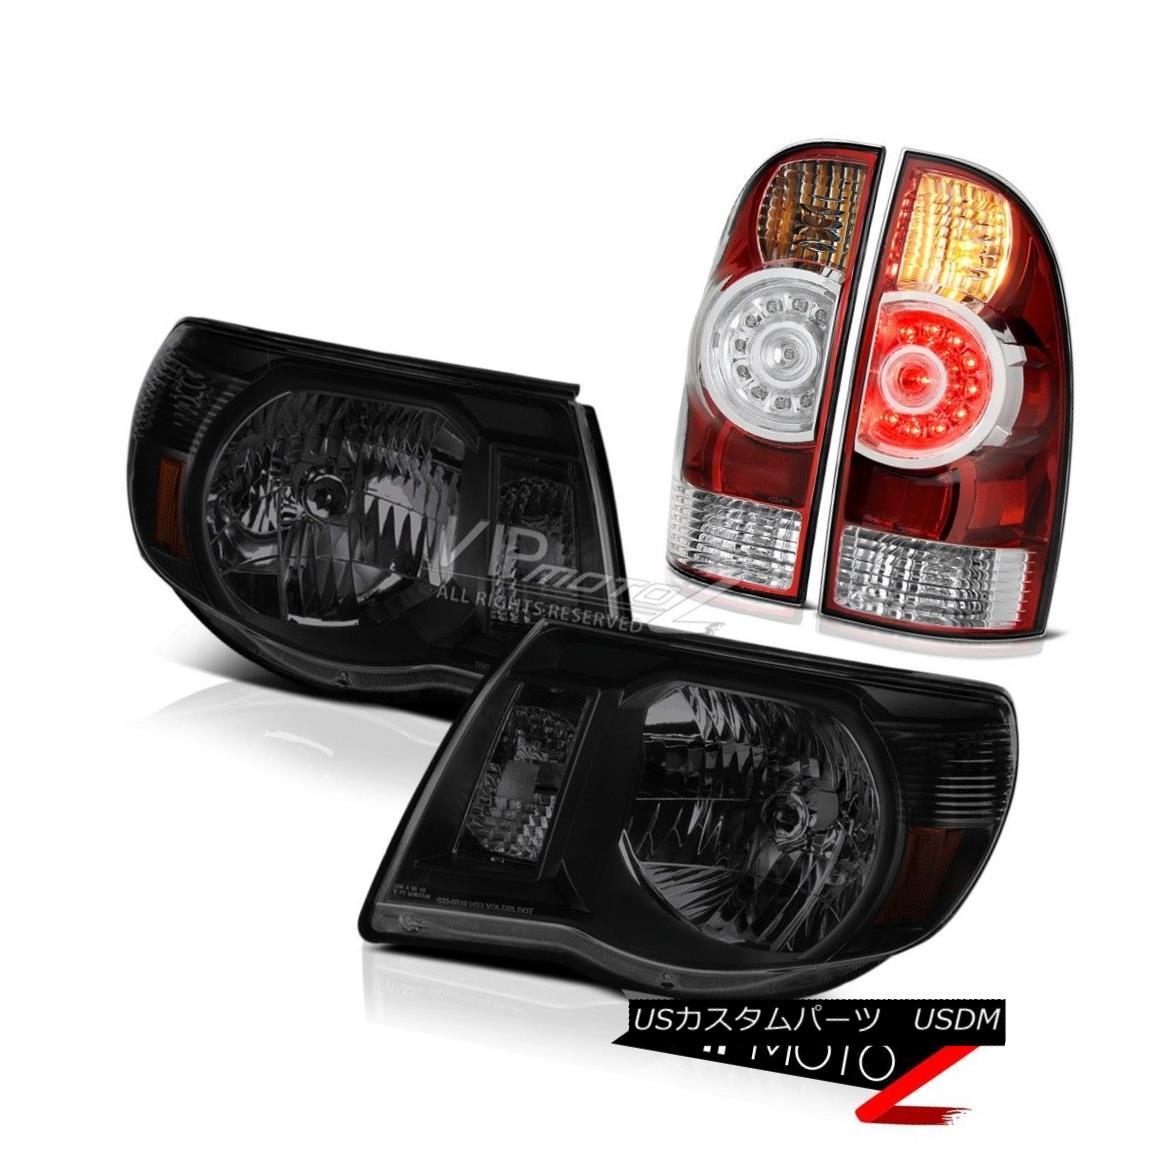 テールライト 05-11 Tacoma Trd Offroad Red Tail Brake Lamps Darkest Smoke Headlights Assembly 05-11タコマTrdオフロードレッドテールブレーキランプ暗い煙ヘッドライトアセンブリ